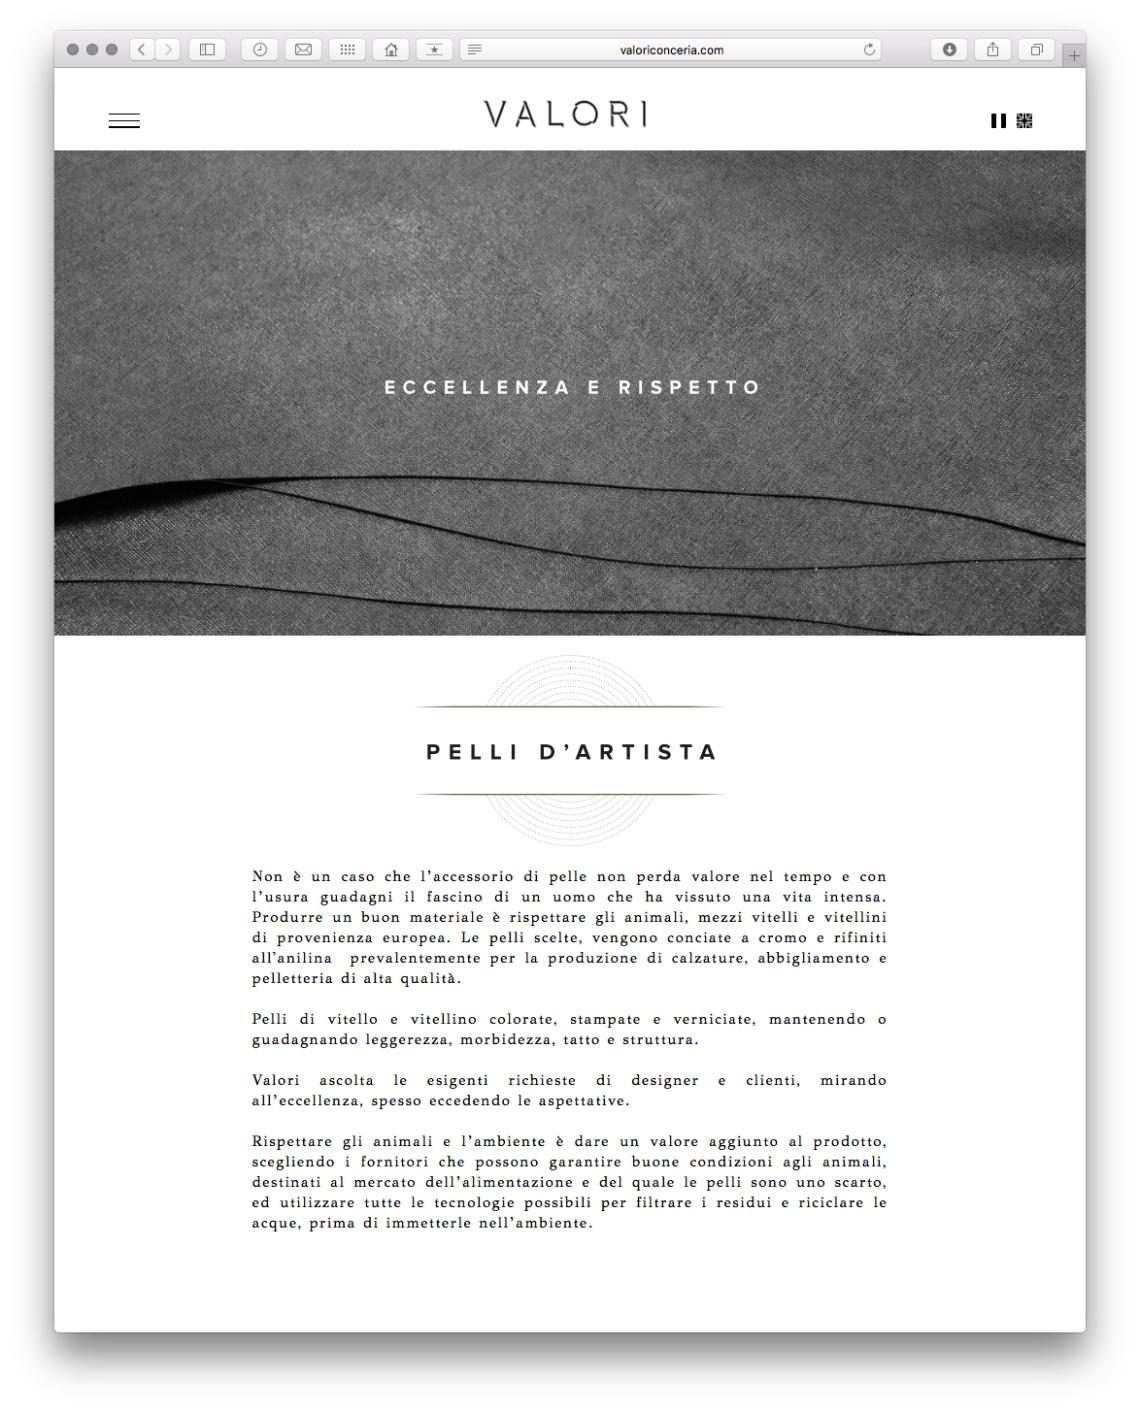 VALORI page 2.jpg